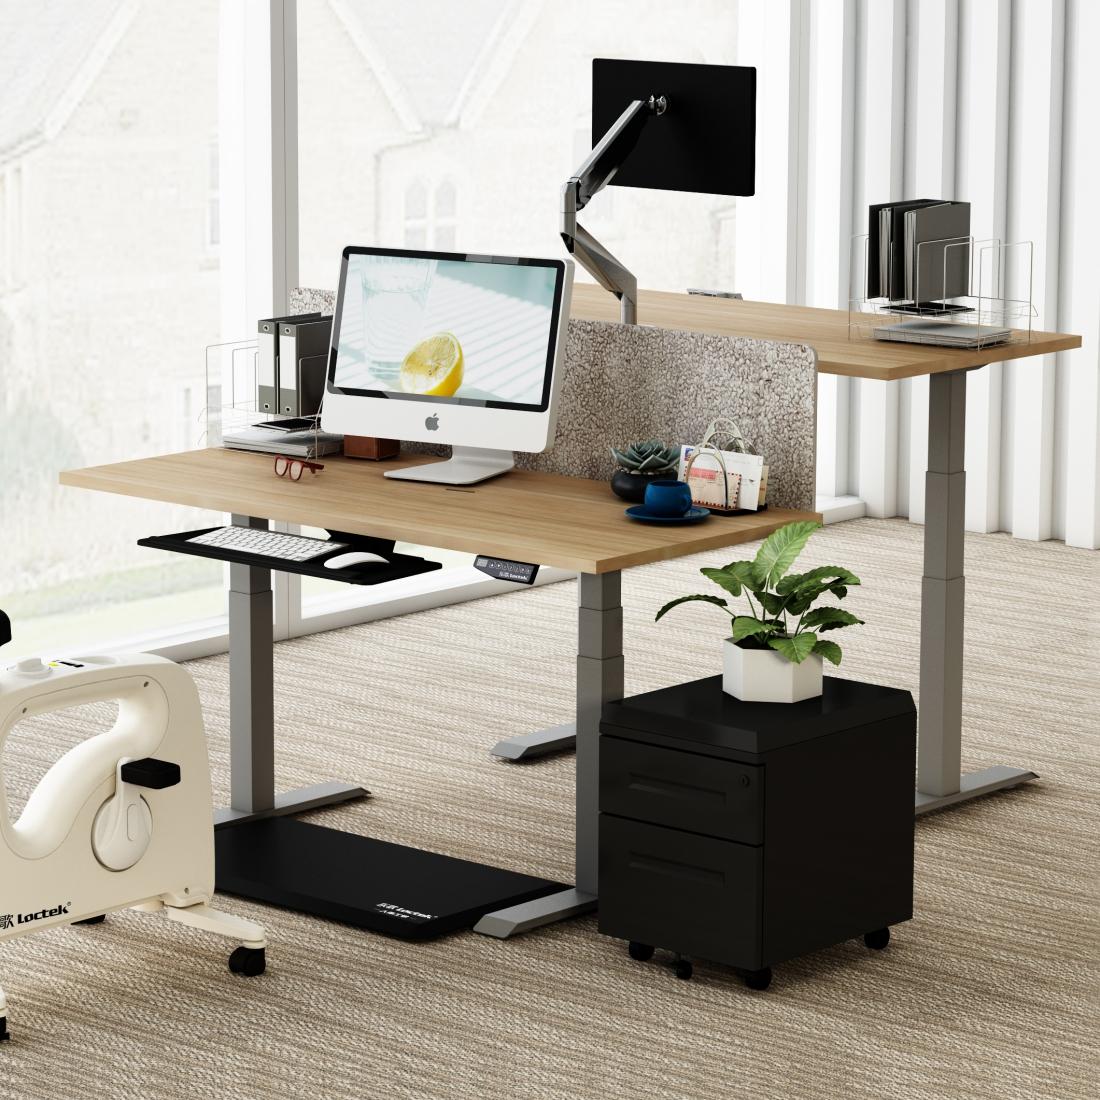 Stul s podnozi DEF223 2 - Delso - dětský, kancelářský a bytový nábytek